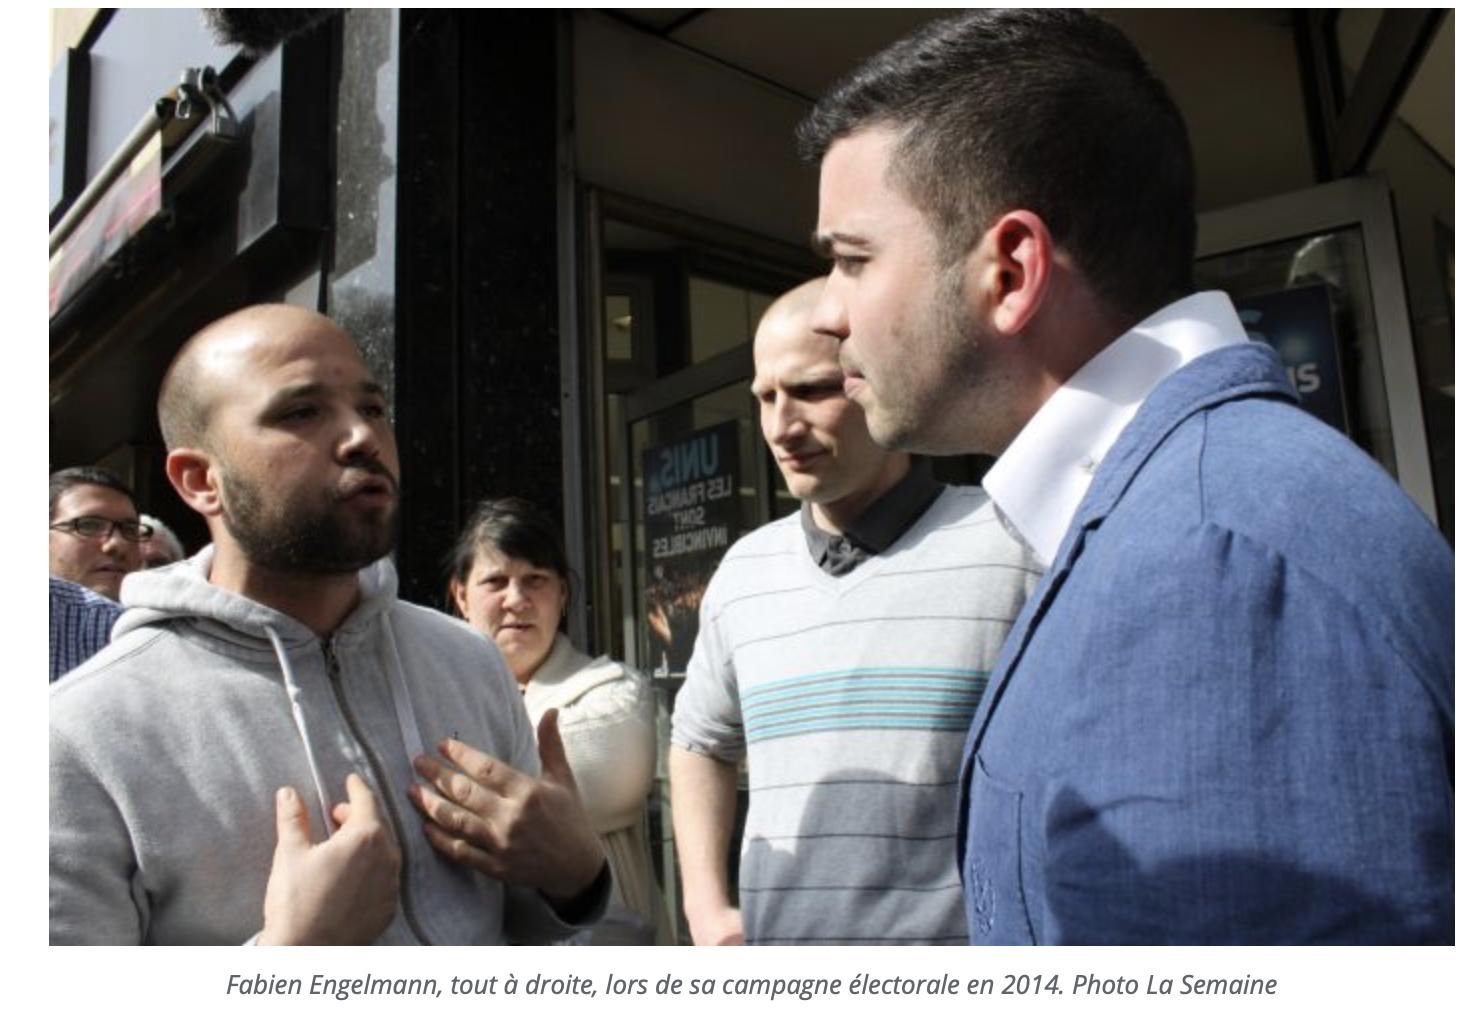 Les électeurs saluent l'excellente gestion des Mairies RN : Béziers et Hayange devraient reconduire leur maire